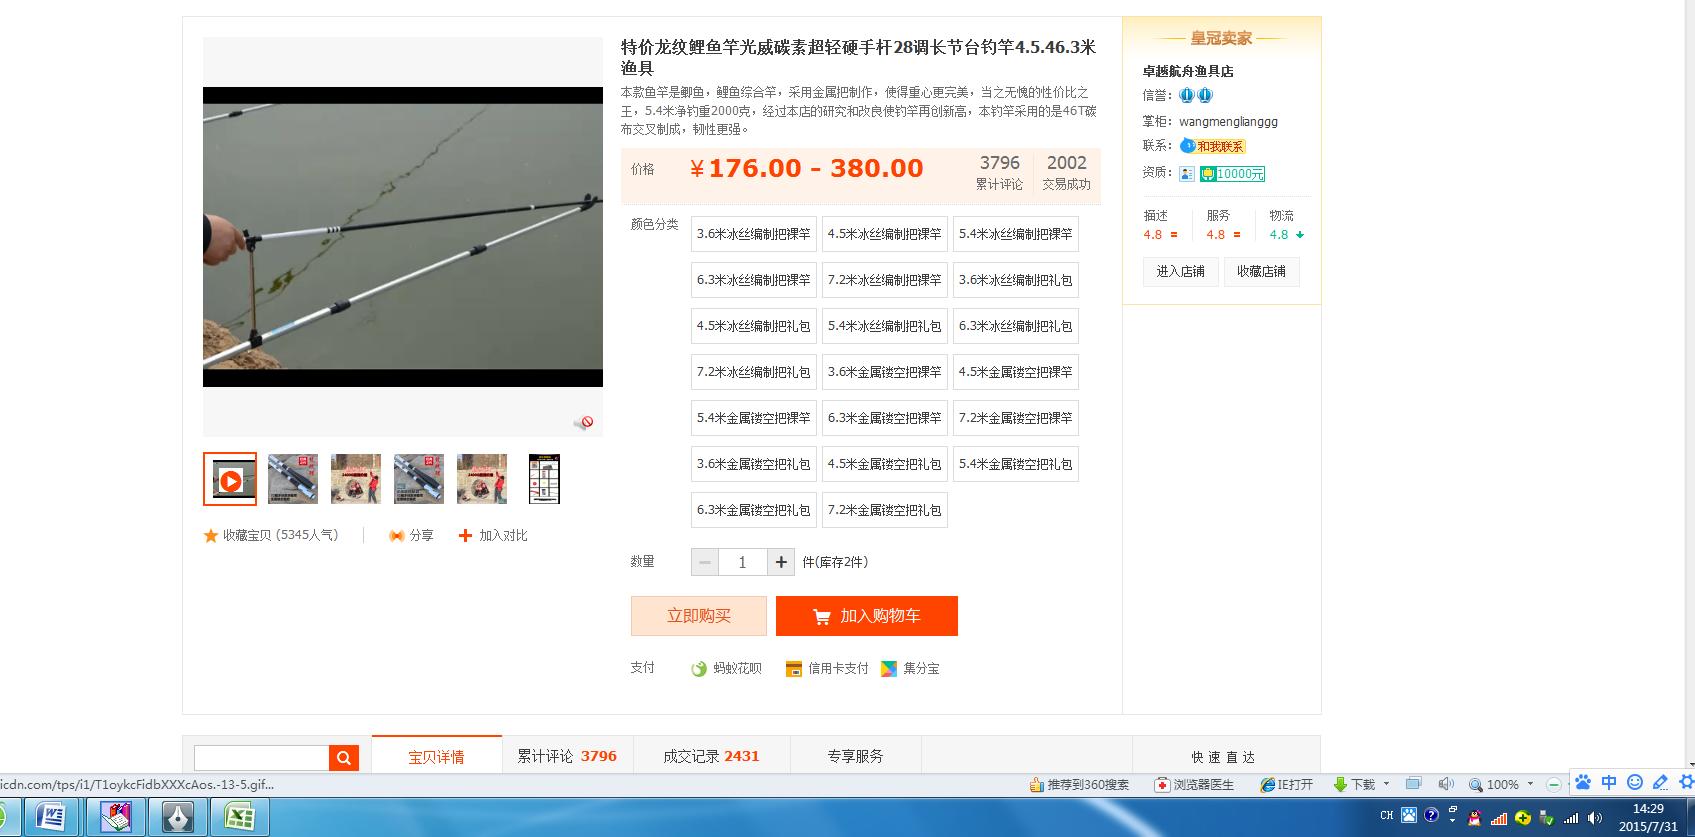 网上监控卓越航舟渔具店